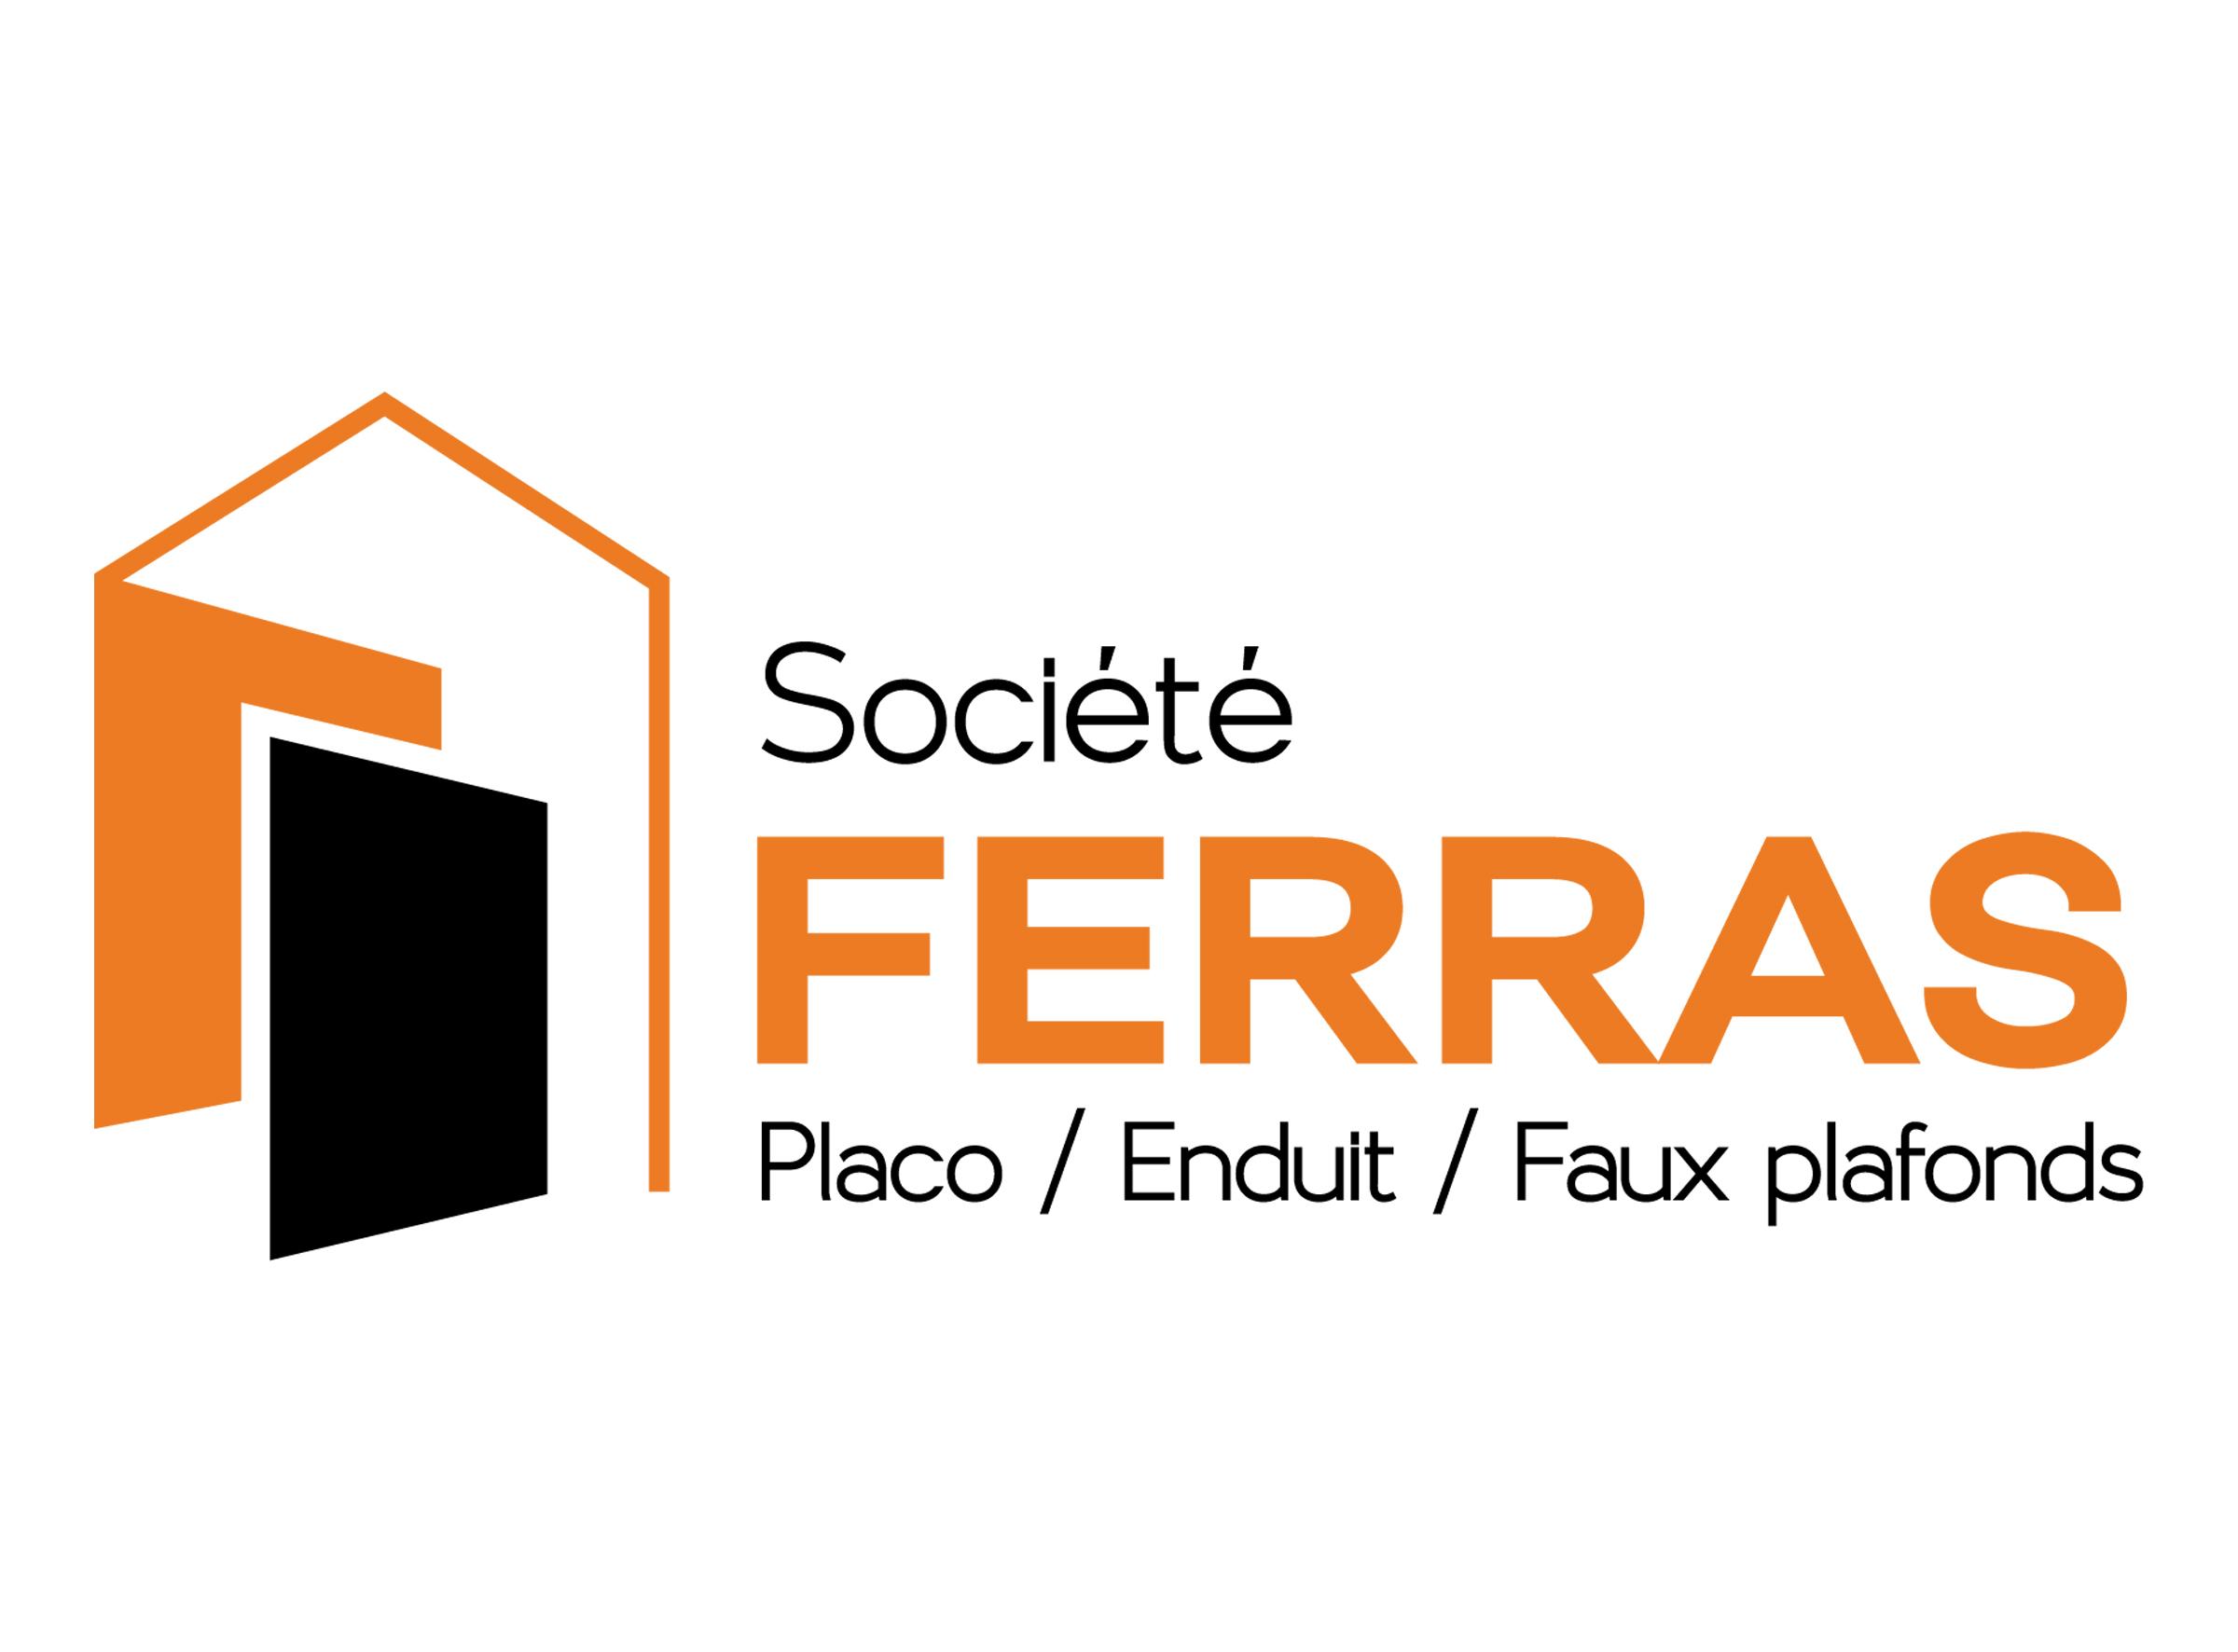 Société Ferras